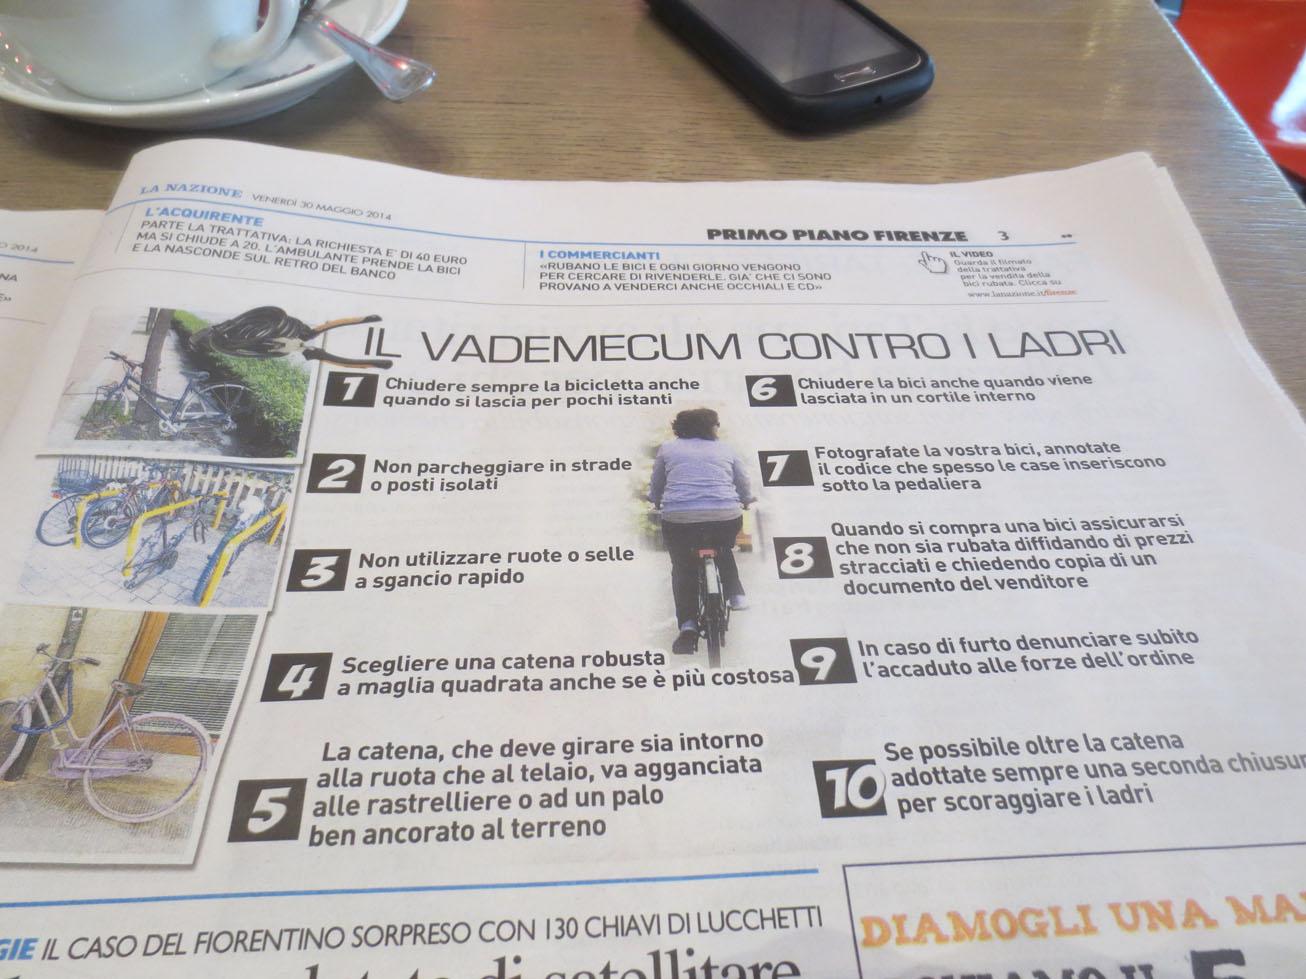 自転車泥棒を防ぐ為の10ヶ条@イタリア編ーーちょっと笑える_c0179785_16122044.jpg